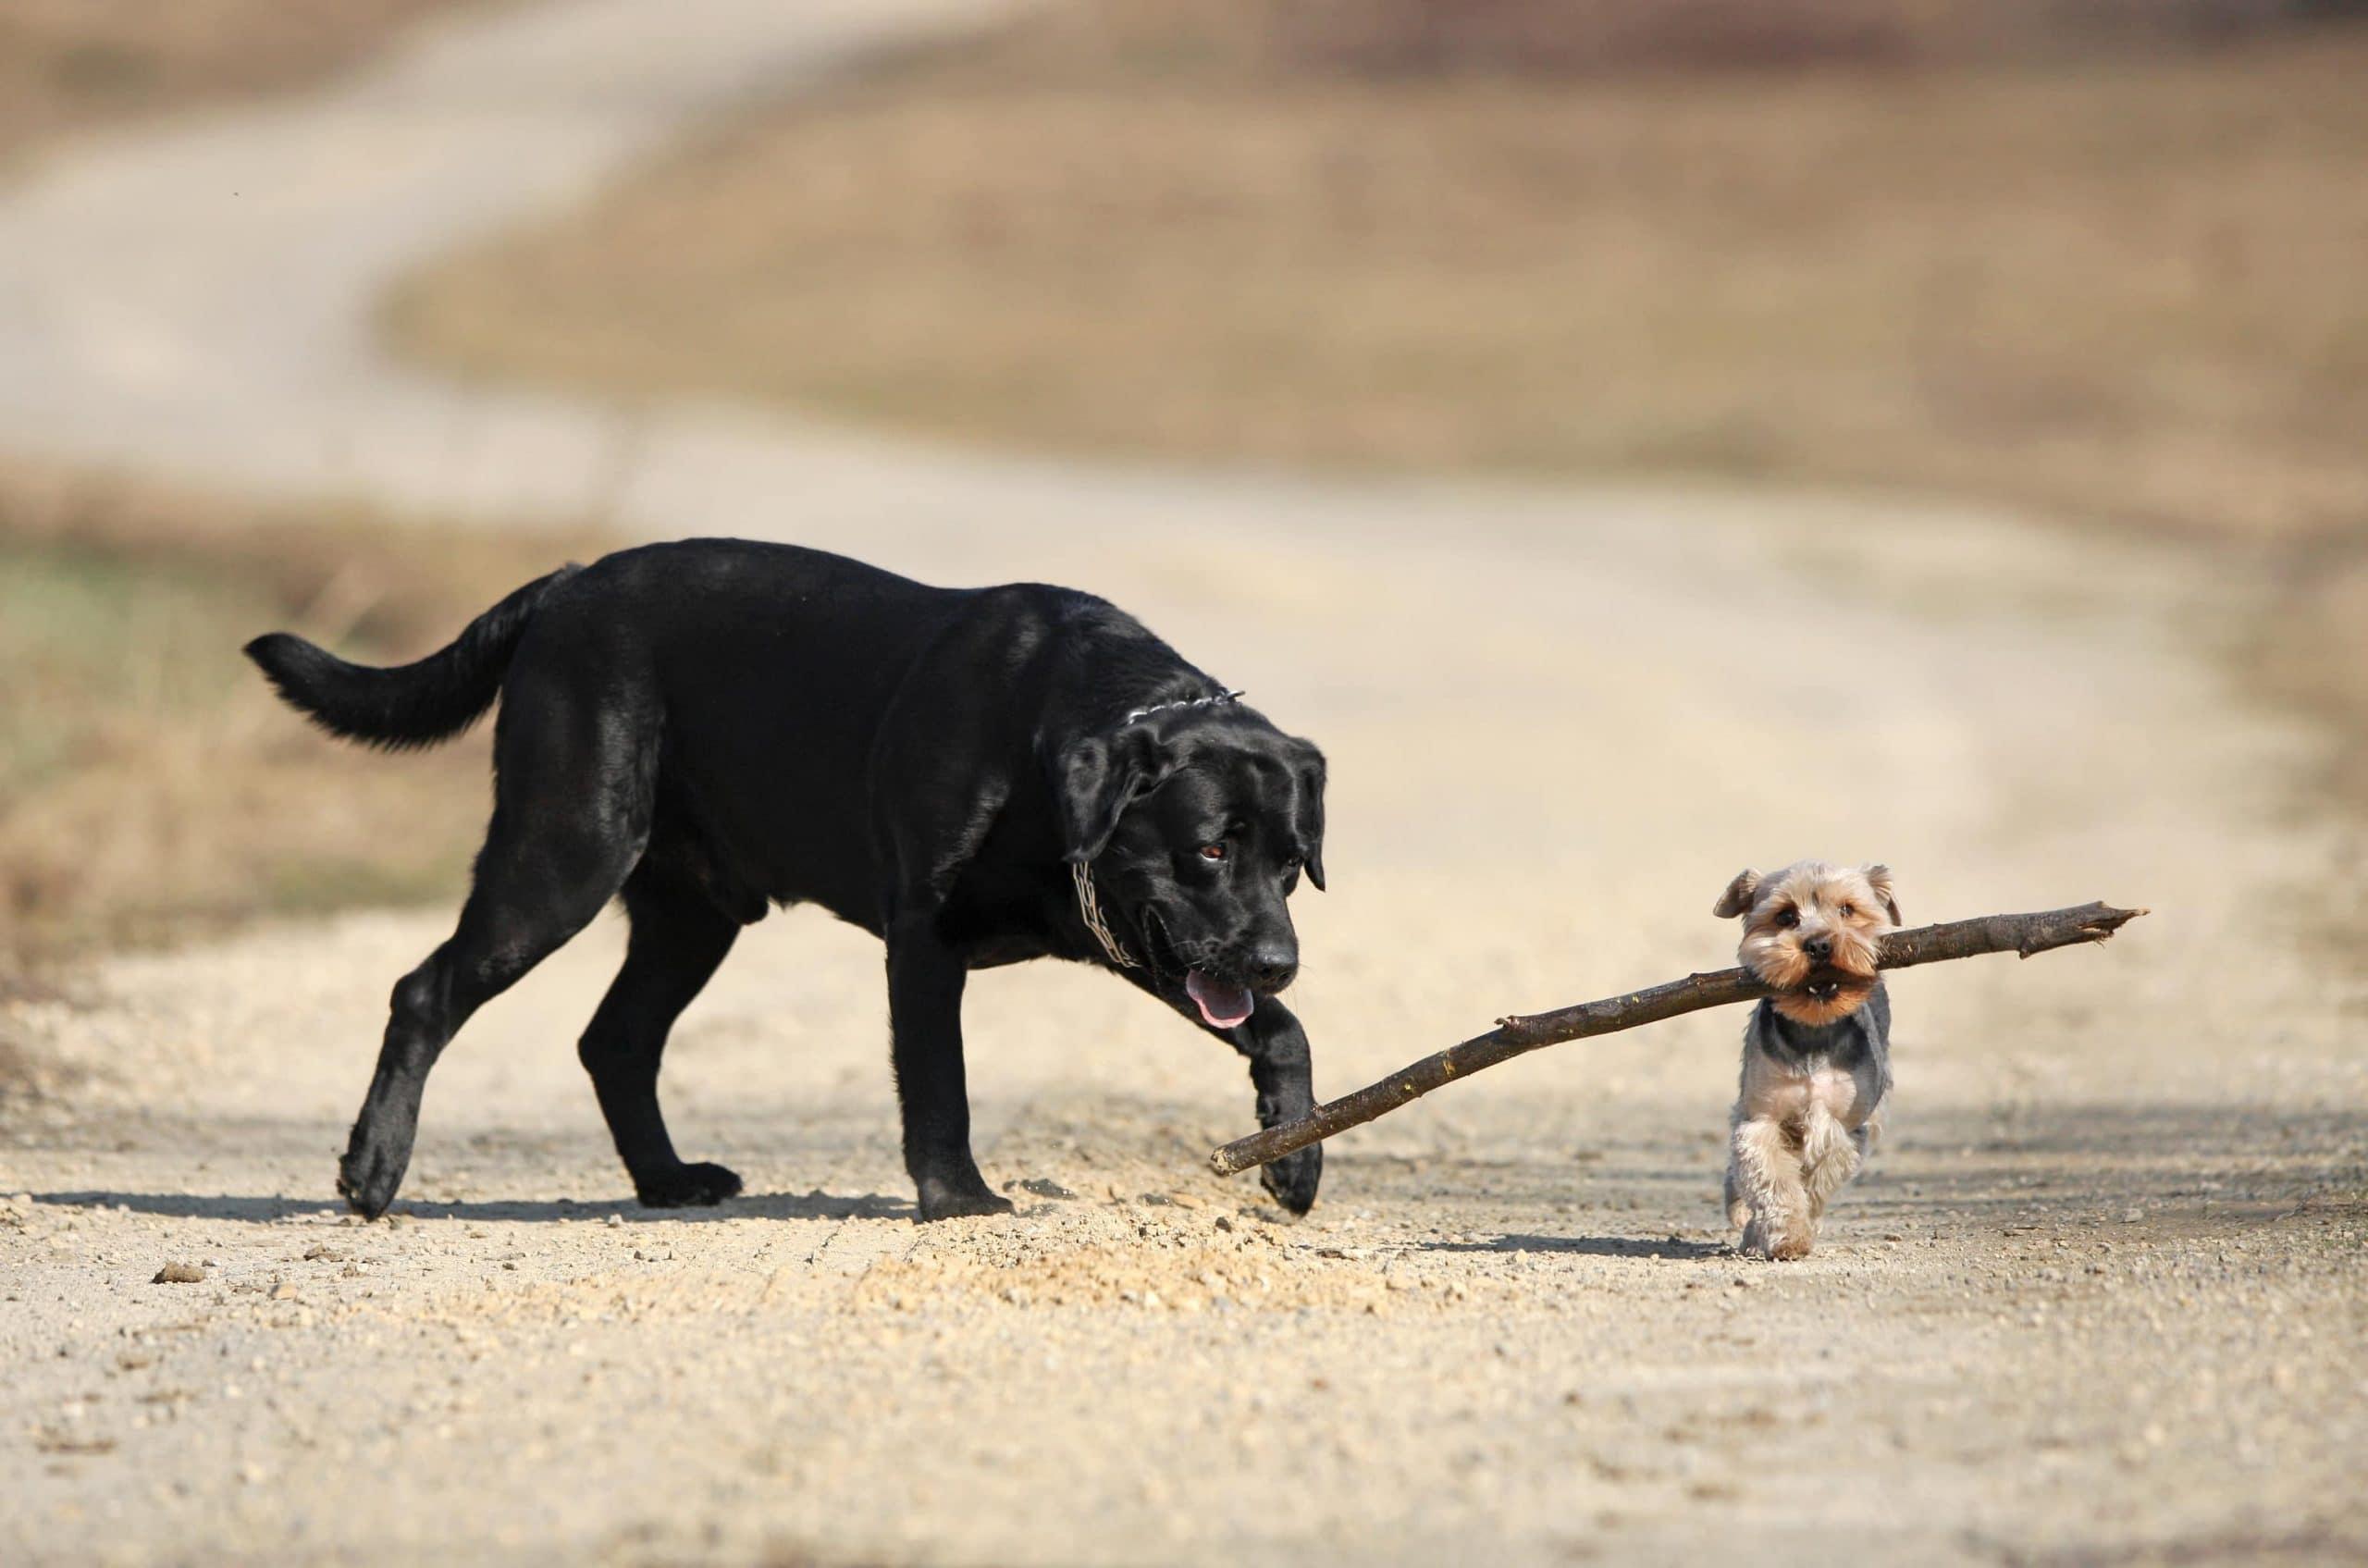 Ein kleiner Hund mit Stock im Maul überholt einen deutlich größeren Hund auf einem Feldweg